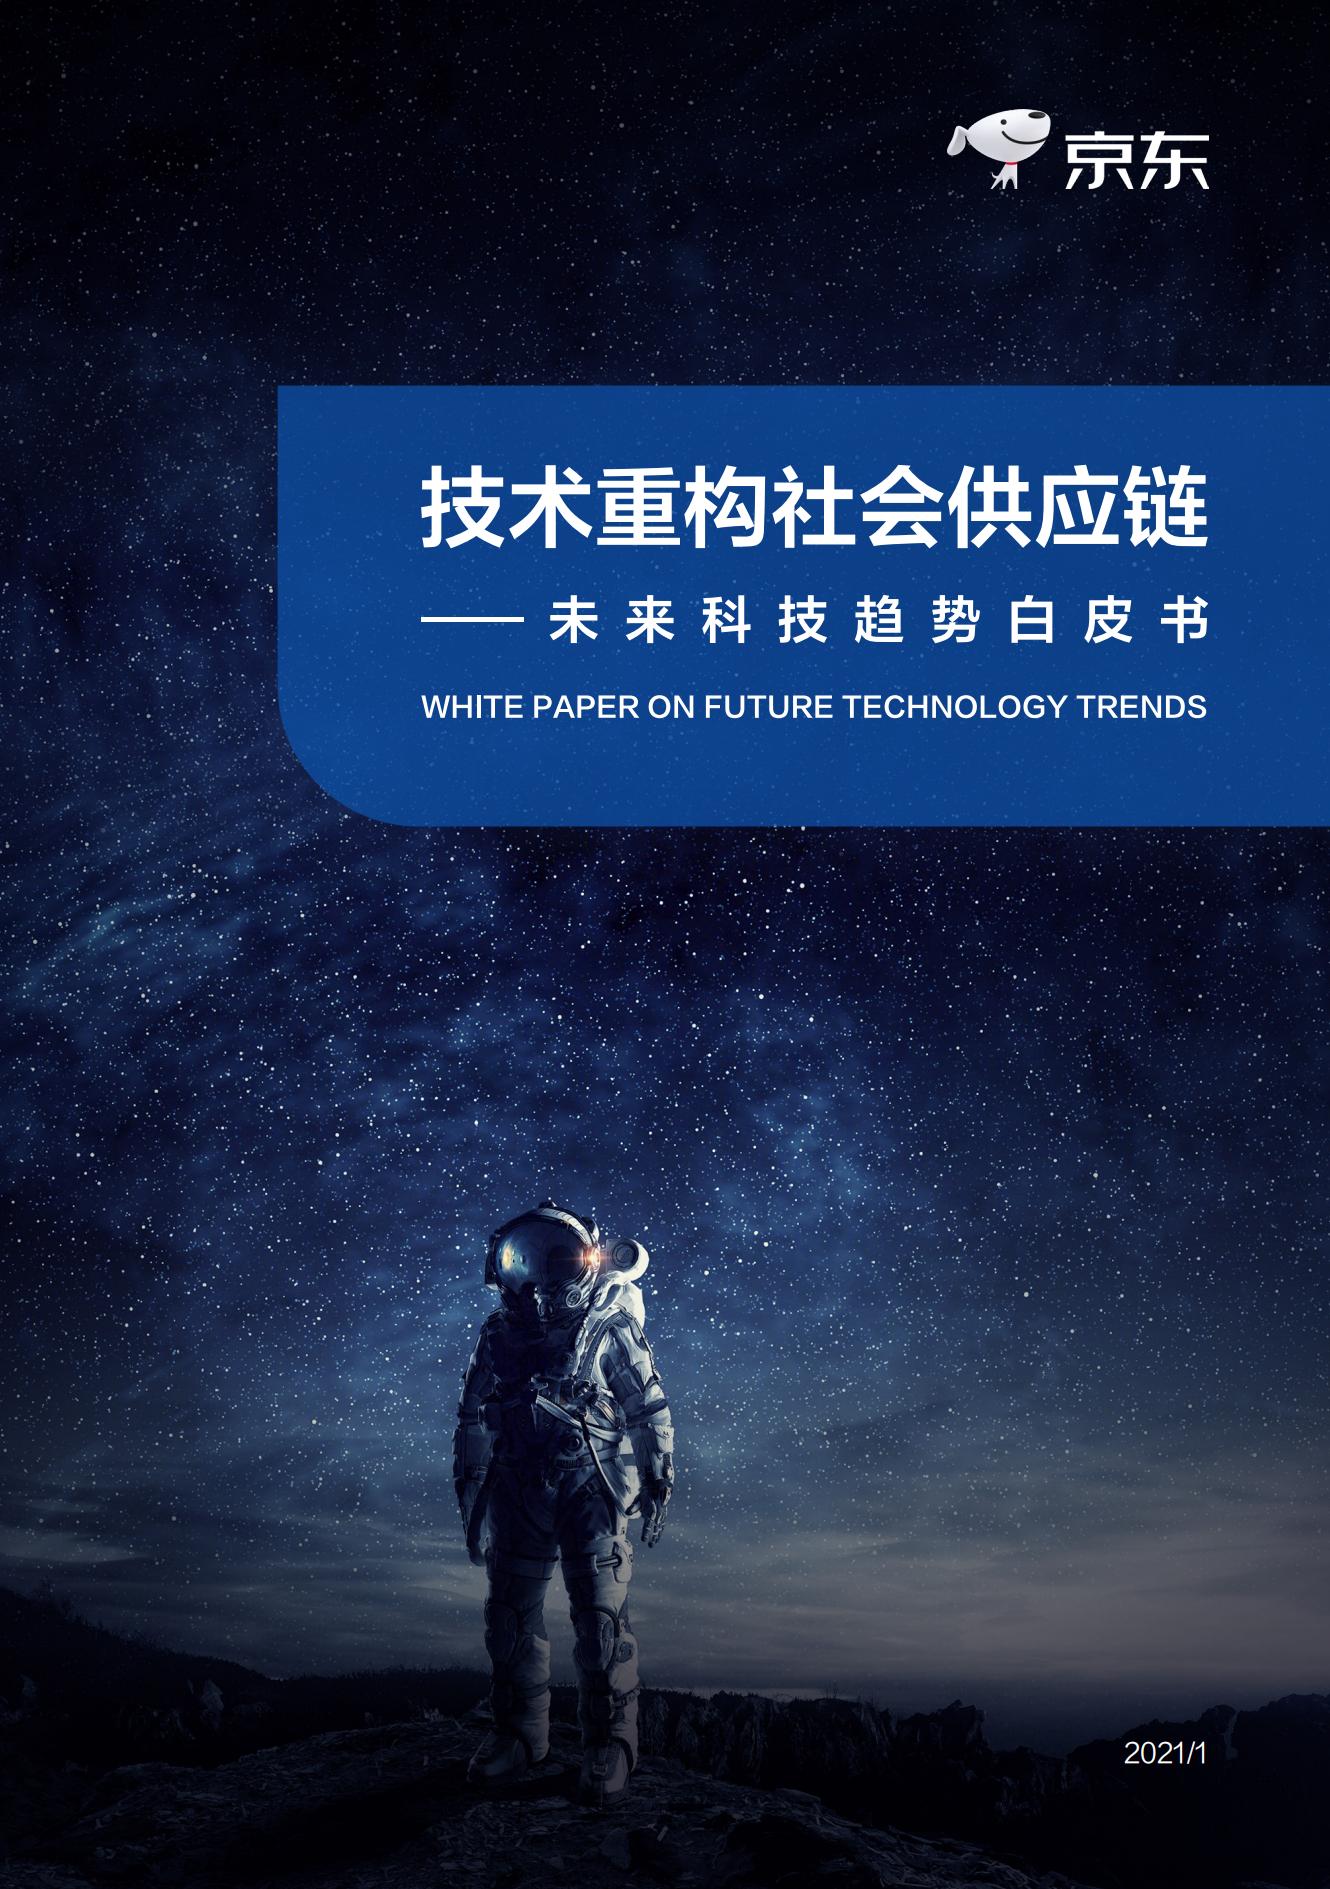 技术重构社会供应链—未来科技趋势白皮书(附下载)